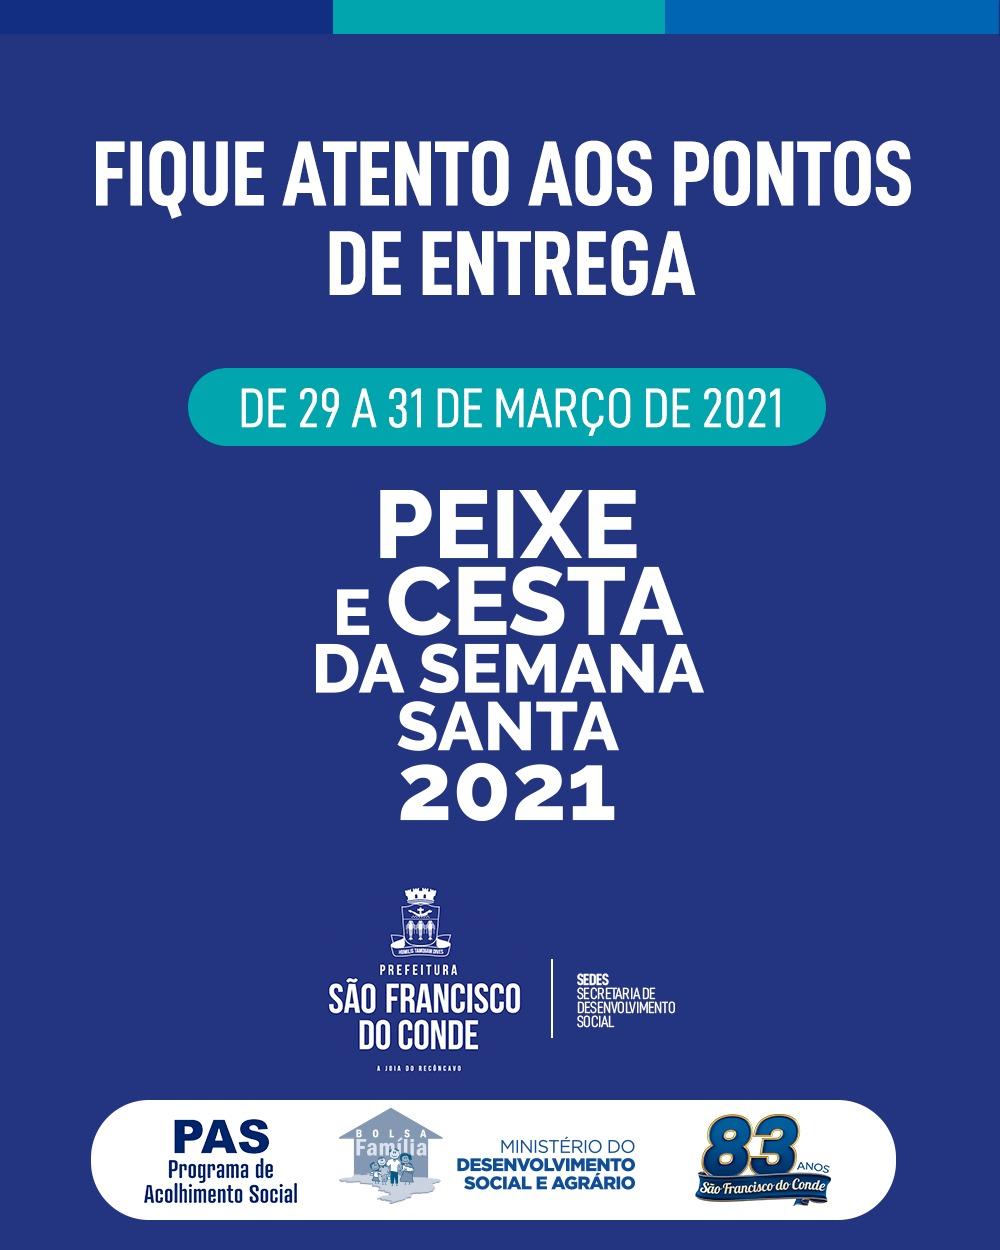 Prefeitura iniciou a entrega da Cesta Especial e dos Peixes da Semana Santa, nesta segunda-feira (29)